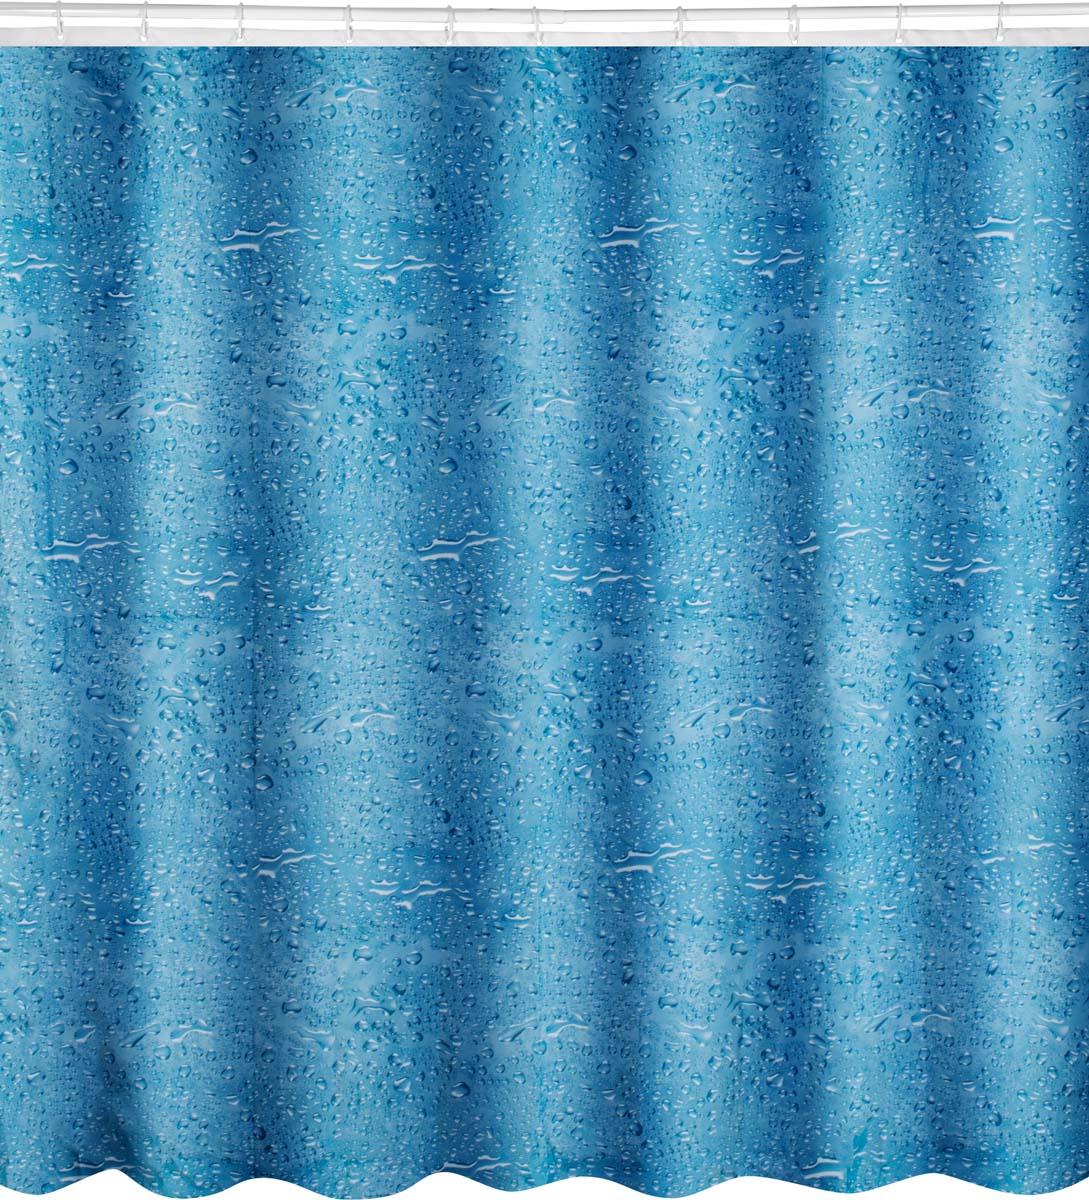 Штора для ванной комнаты одновременно выполняет практическую и декоративную функции. Плотная занавеска из полиэстера препятствует попаданию капель воды и мыльной пены на пол и коврик возле ванны, обеспечивает комфортное ощущение во время принятия душа. Материал обработан гидрофобной пропиткой, легко выдерживает прямой напор водных струй. Изделие образует красивые мягкие складки, зрительно не уменьшает пространство.